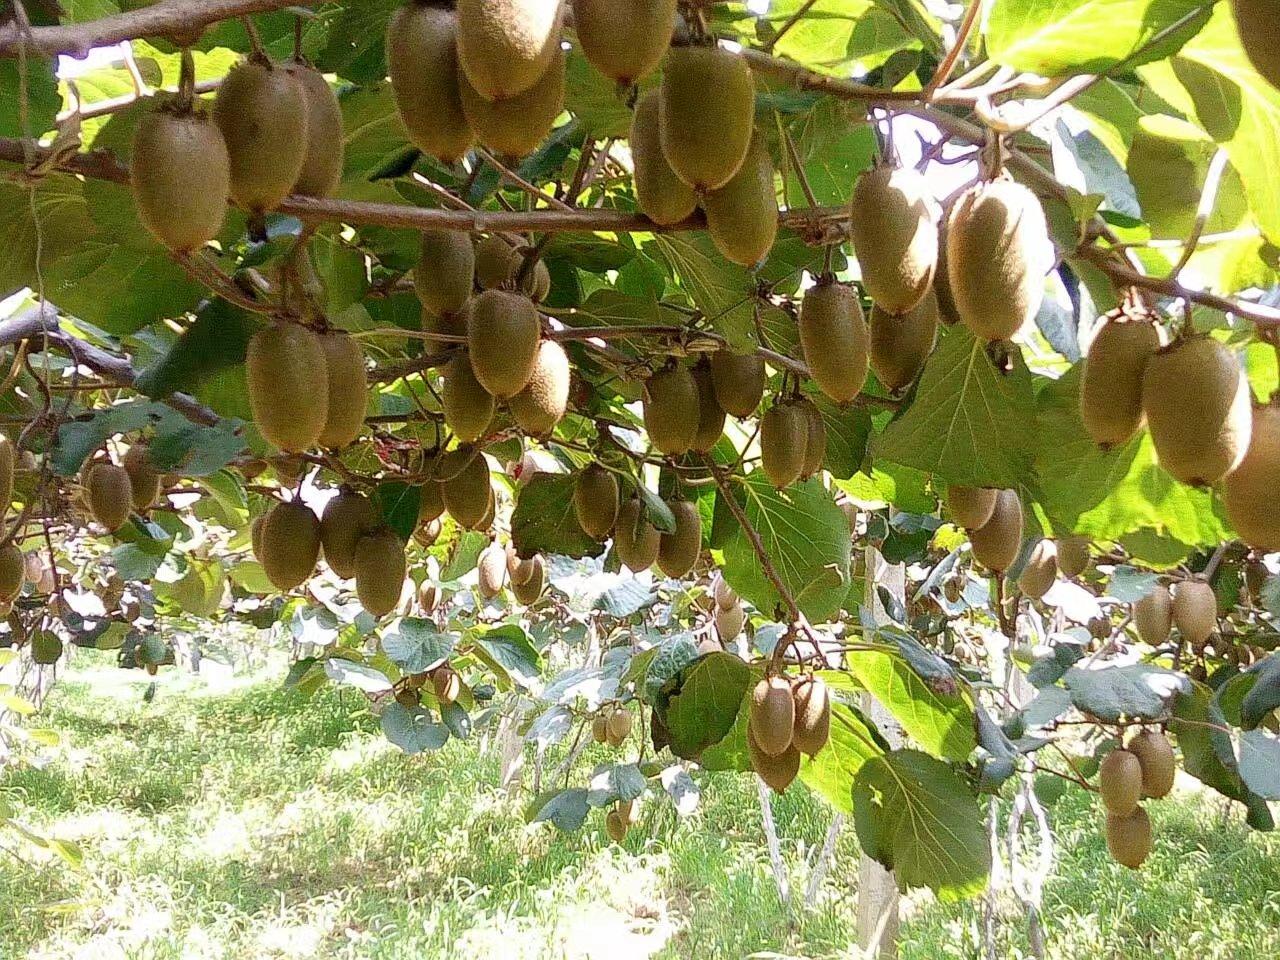 糖分测报 | 周至猕猴桃可溶性固形物含量监测通告